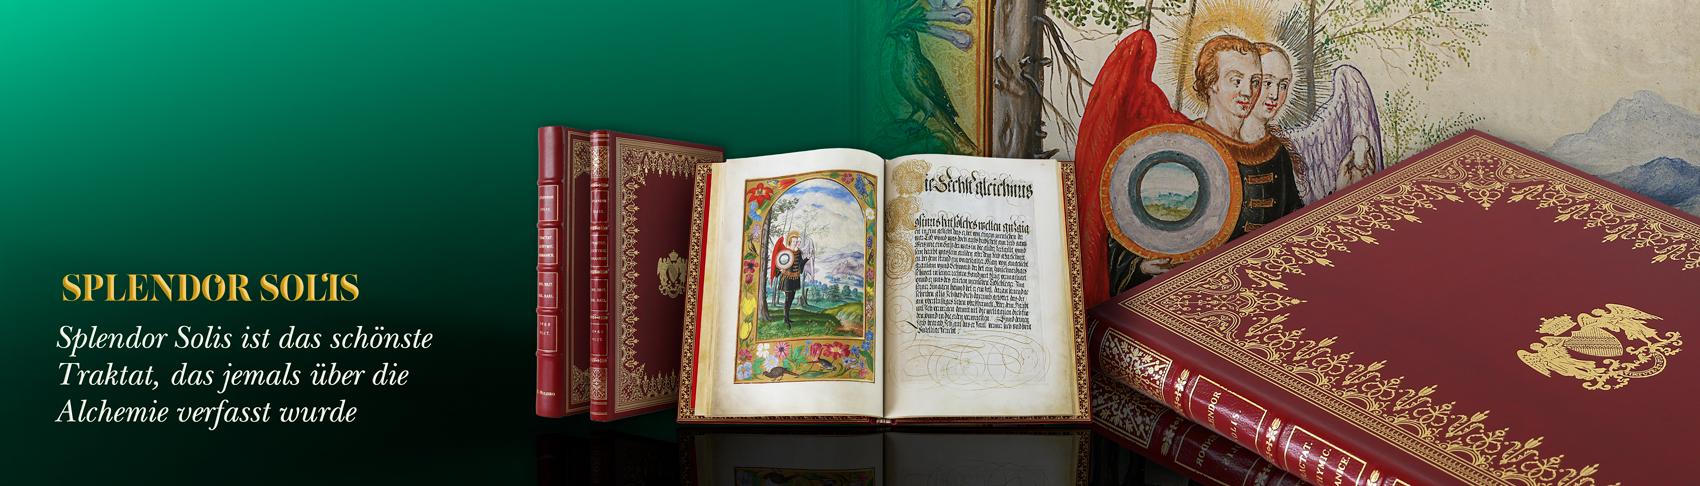 Splendor Solis ist das schönste Traktat, das jemals über die Alchemie verfasst wurde